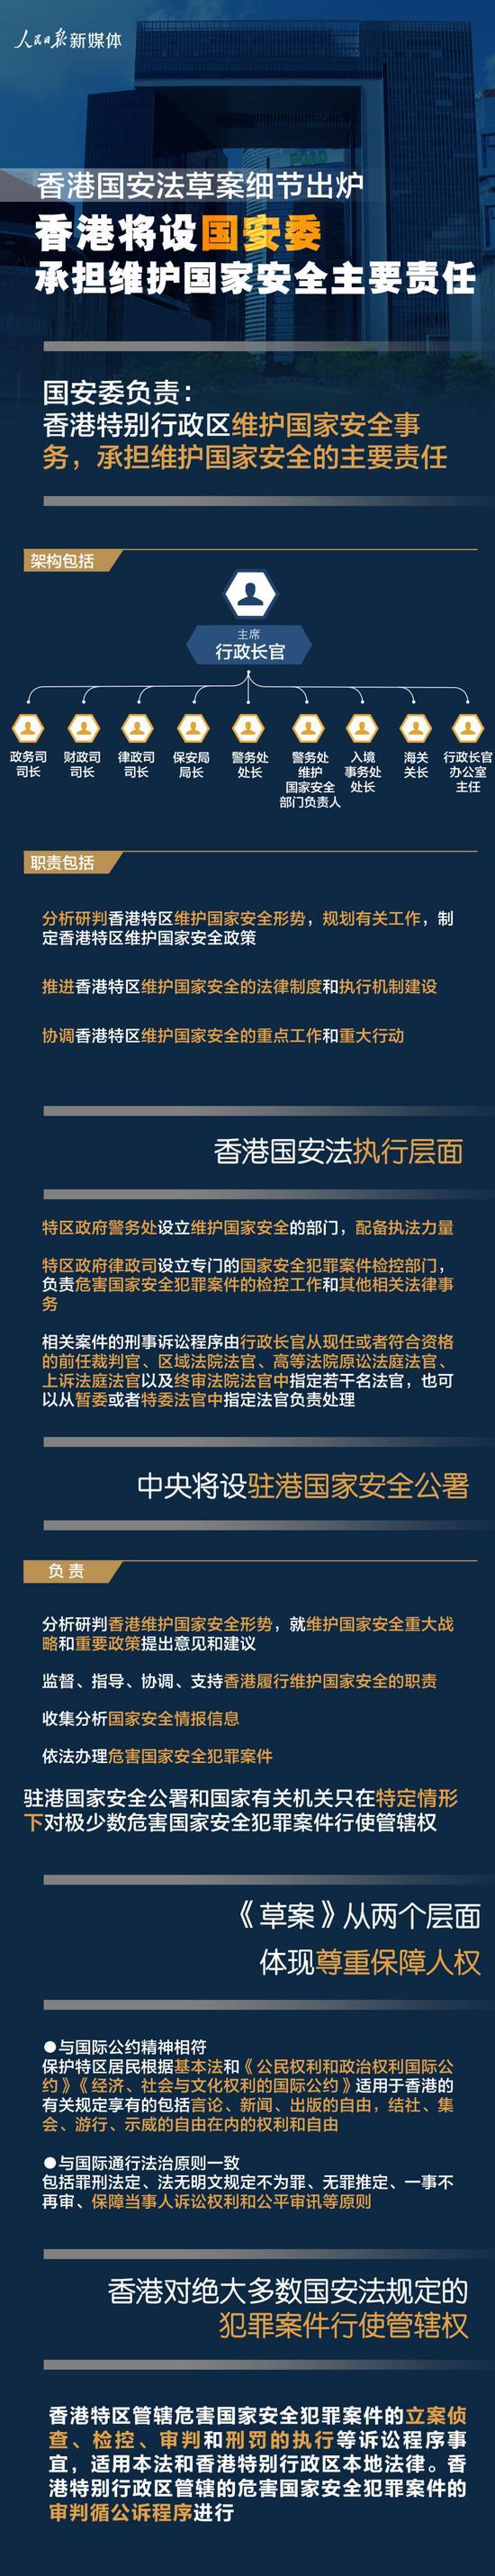 摩天招商:香港国安摩天招商法草案一图片